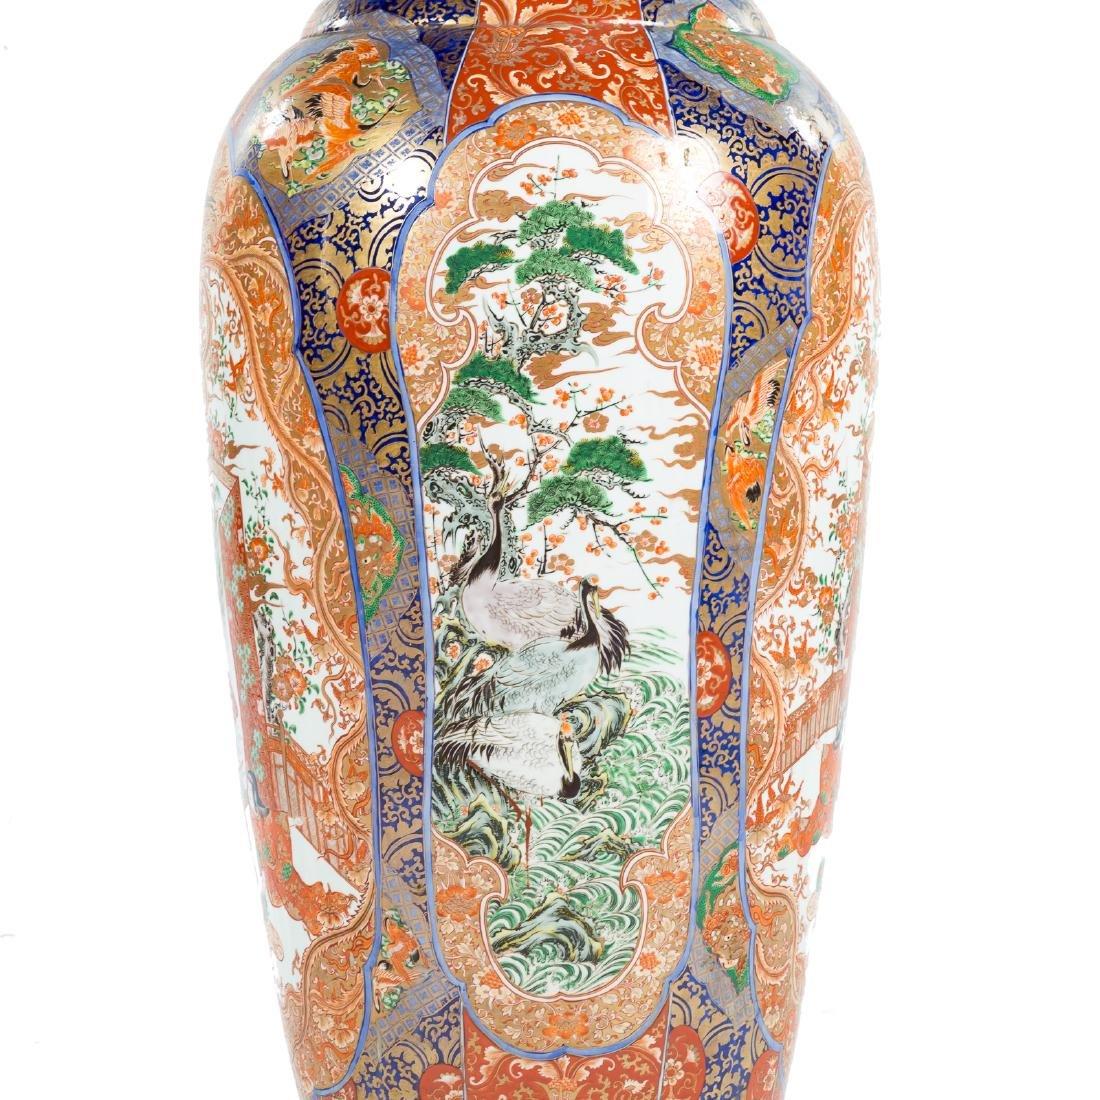 Japanese Imari porcelain monumental palace vase - 3